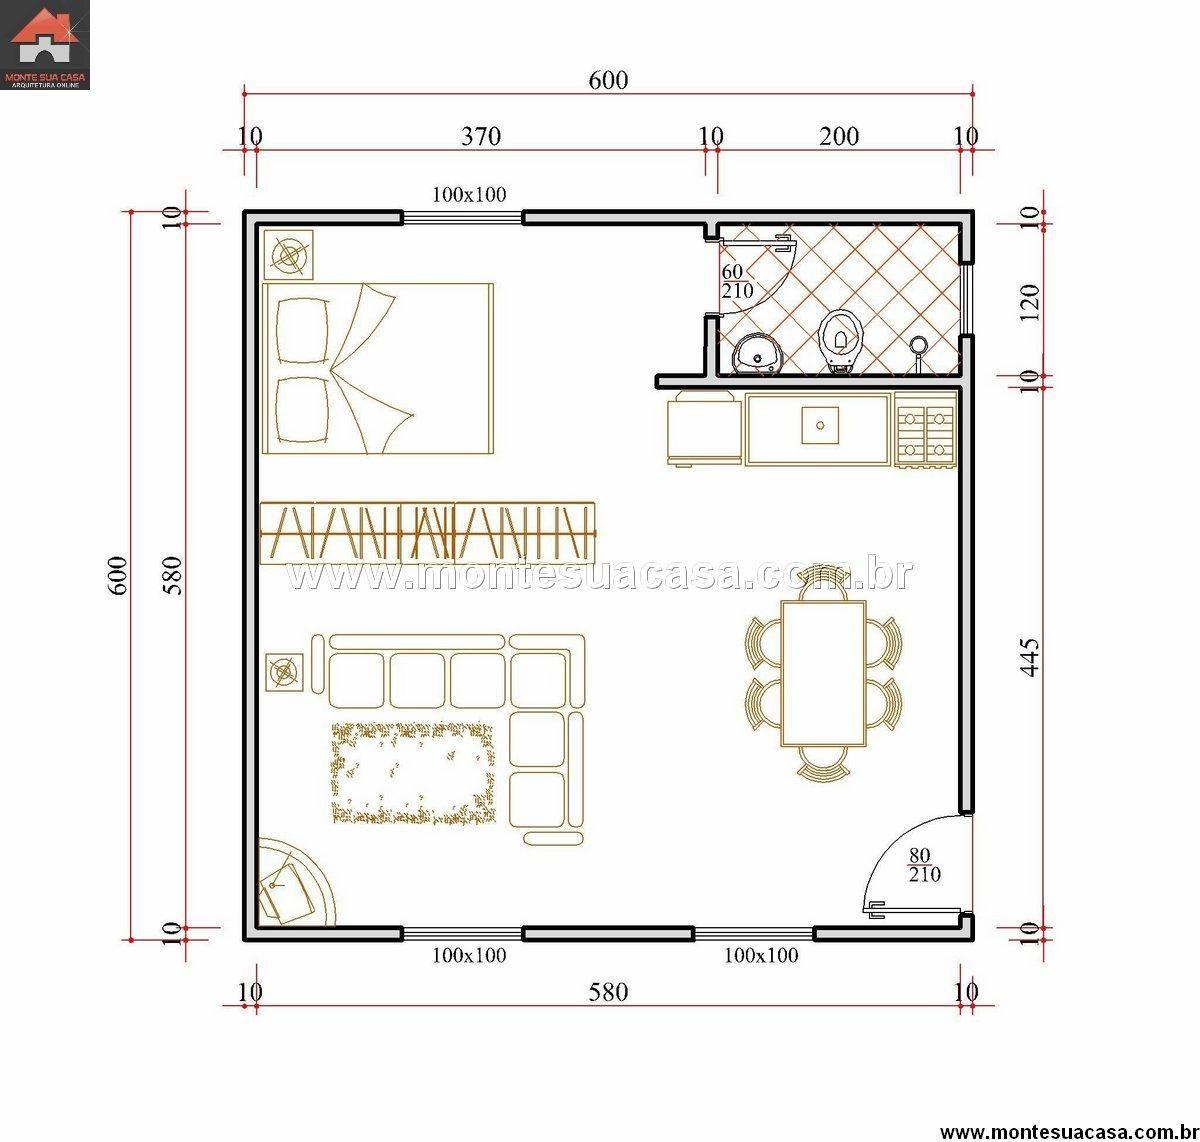 Plantas de casas 30 metros 1 dormitorio pesquisa google for Piscina 50 metros pontevedra